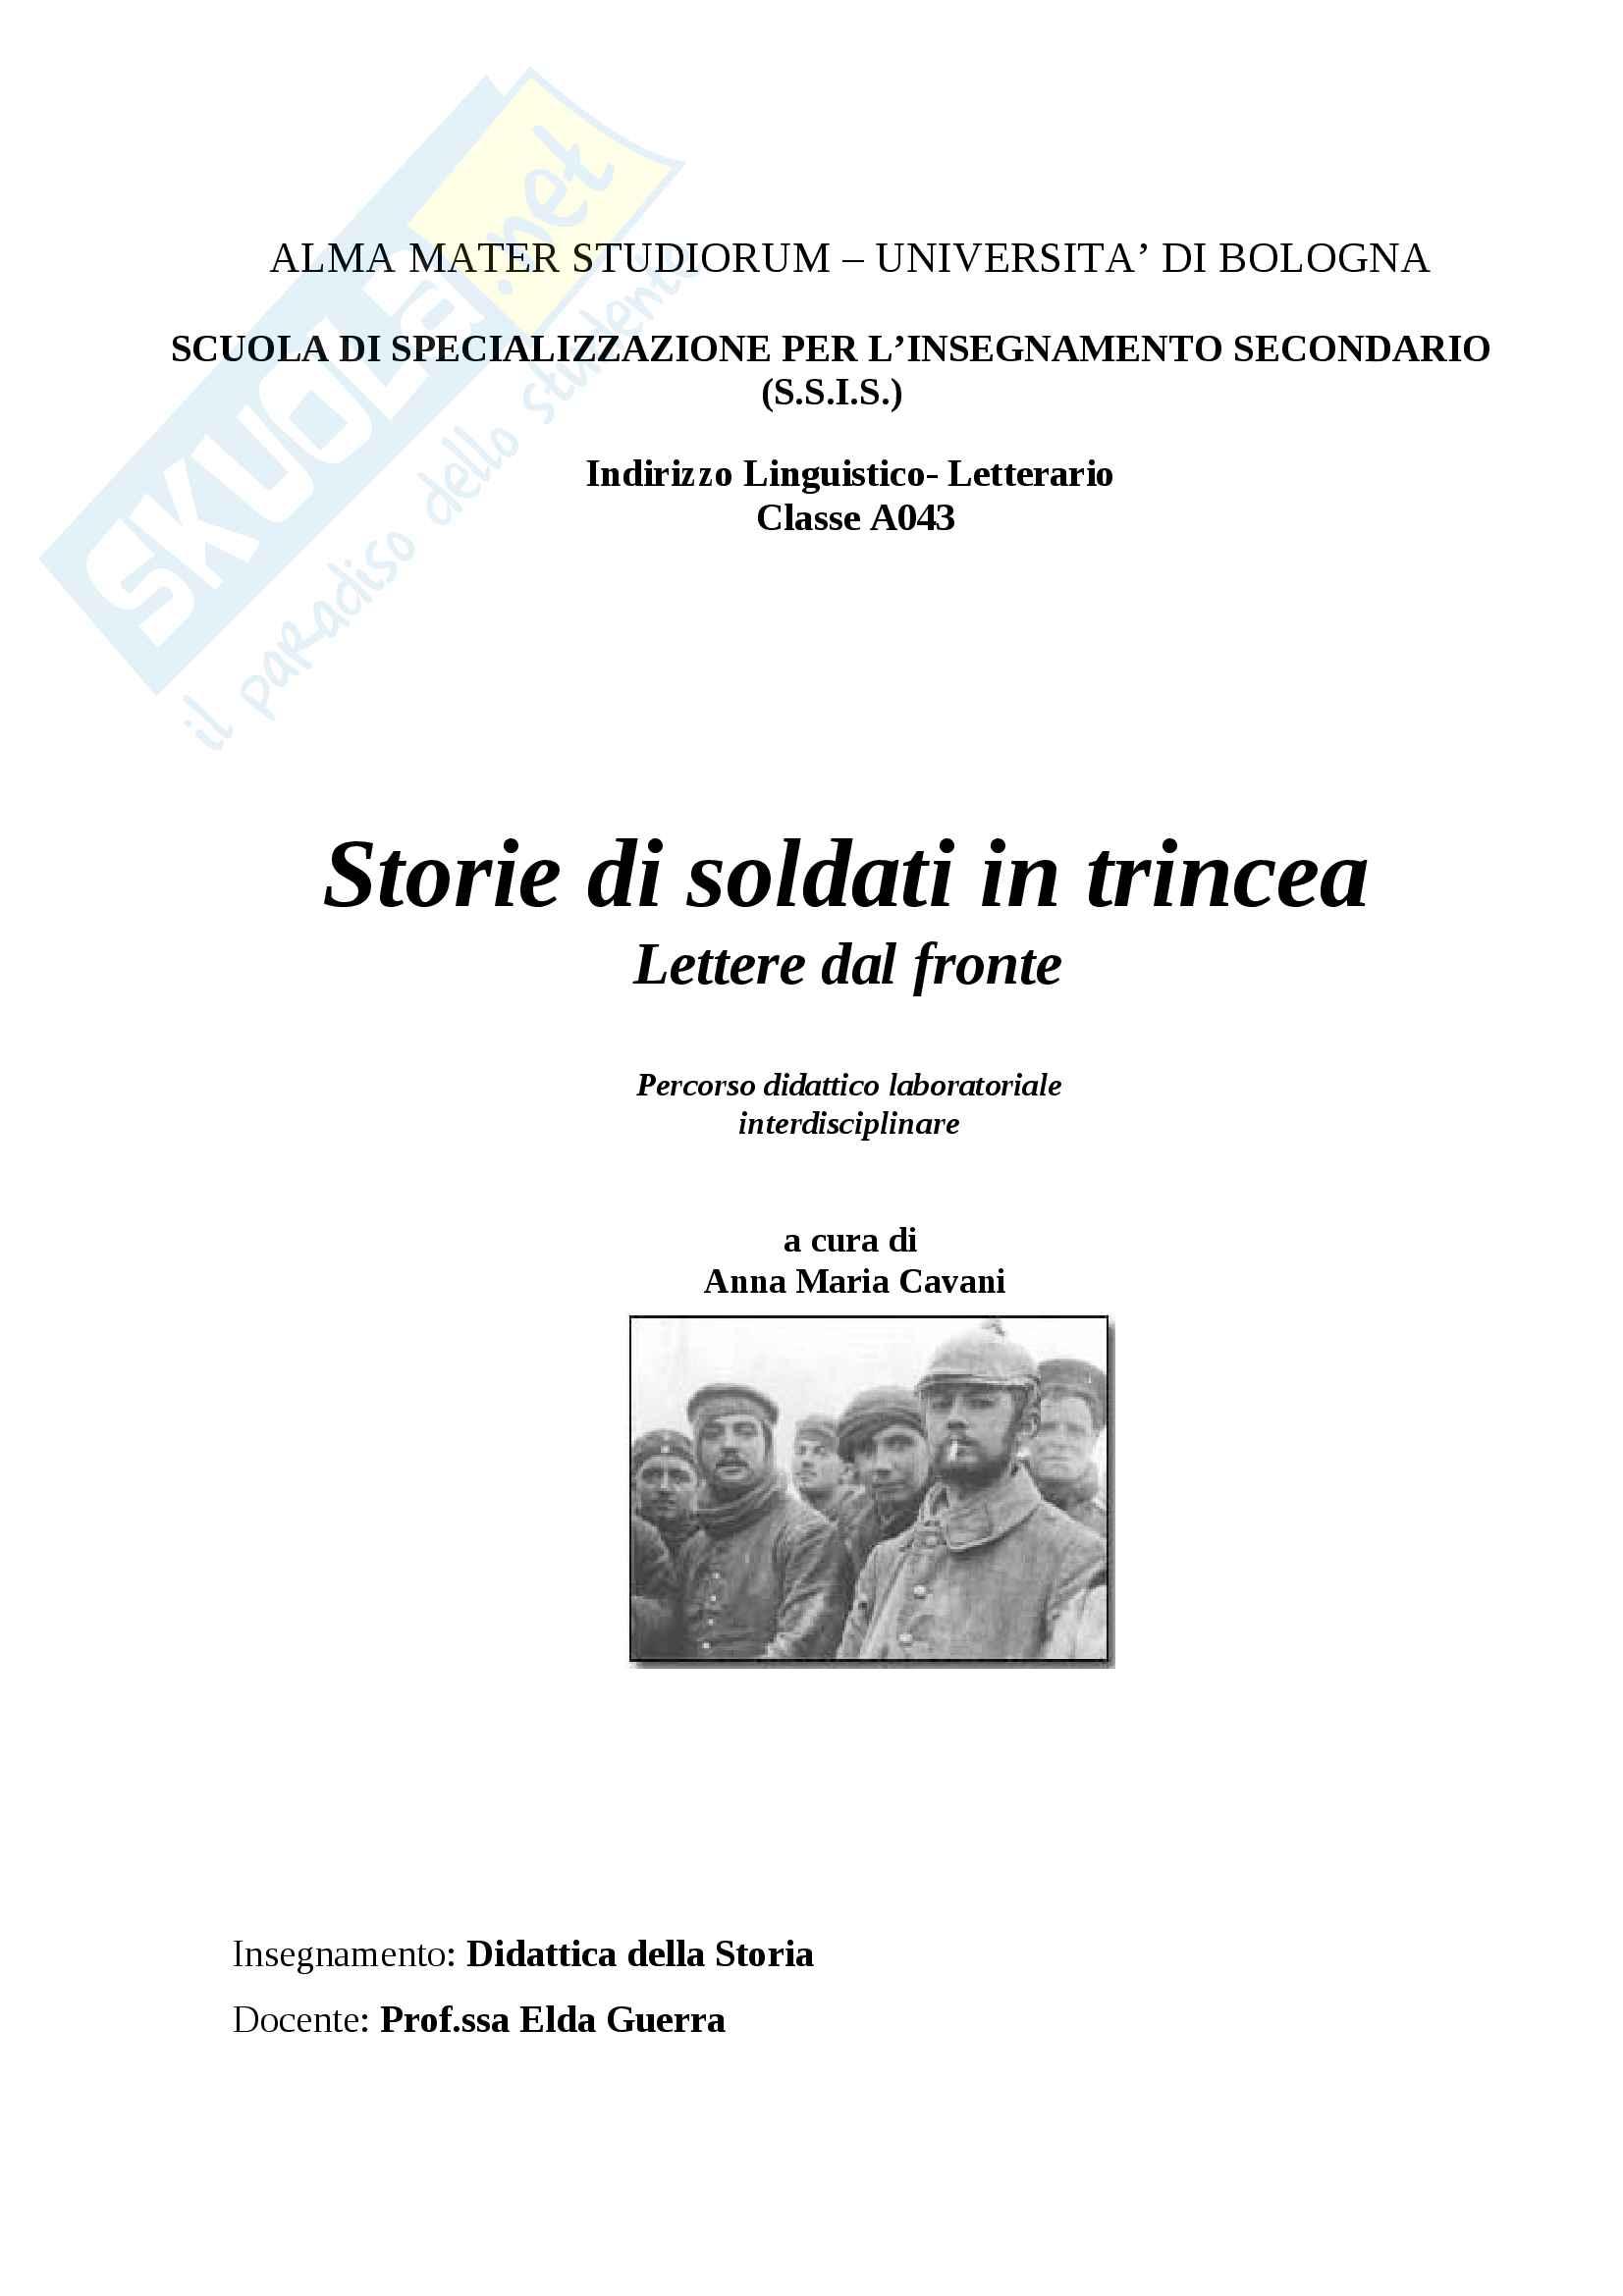 Soldati in trincea durante la prima guerra mondiale - Unità didattica - Percorso laboratoriale di didattica della storia per la terza media